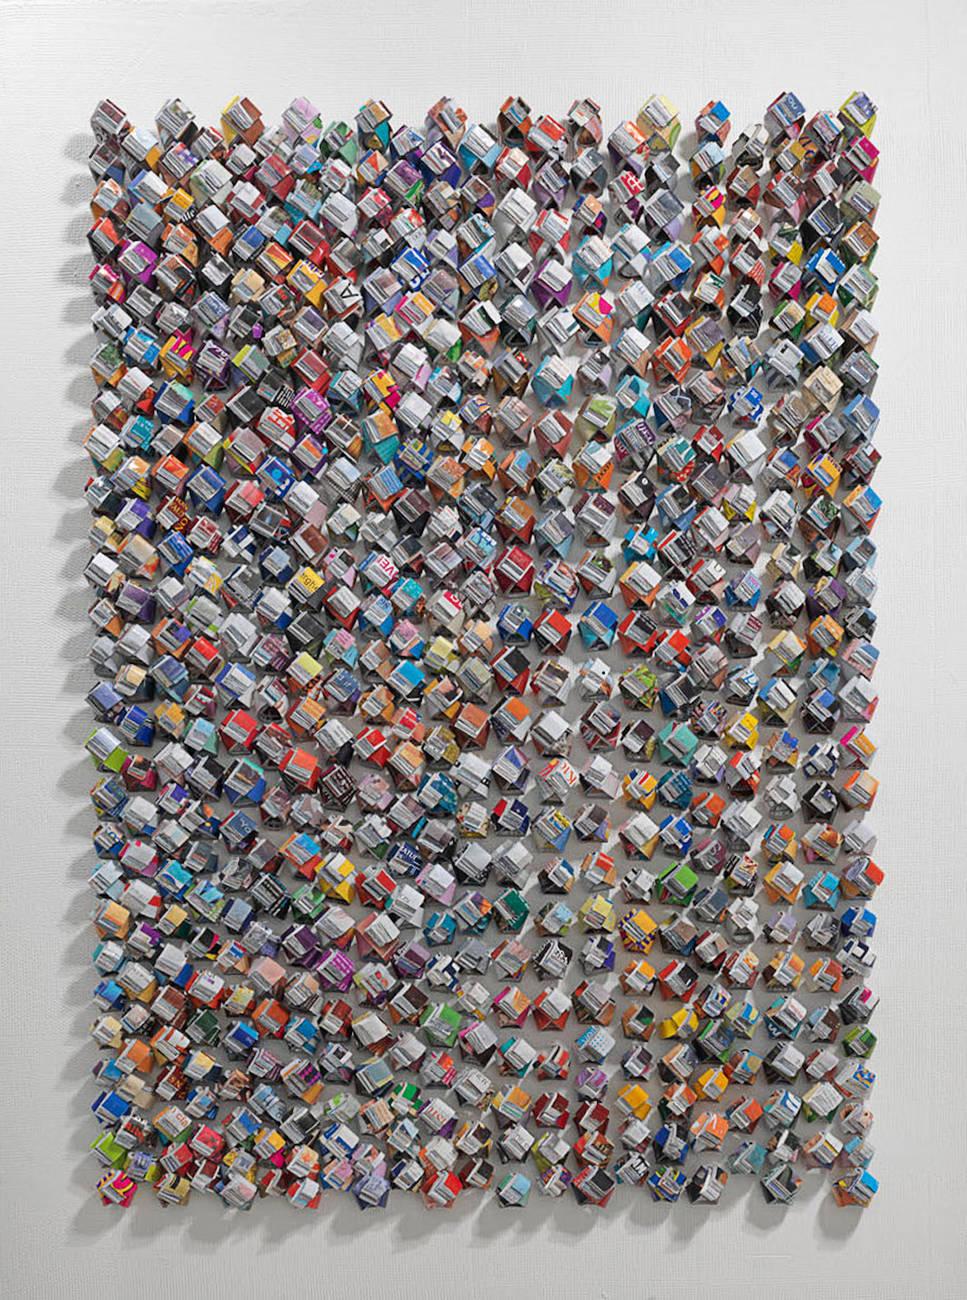 """Capri. """" Worlds of words"""" la prima mostra personale di Guy Leclef in Italia, nello spazio espositivo di Anacapri"""